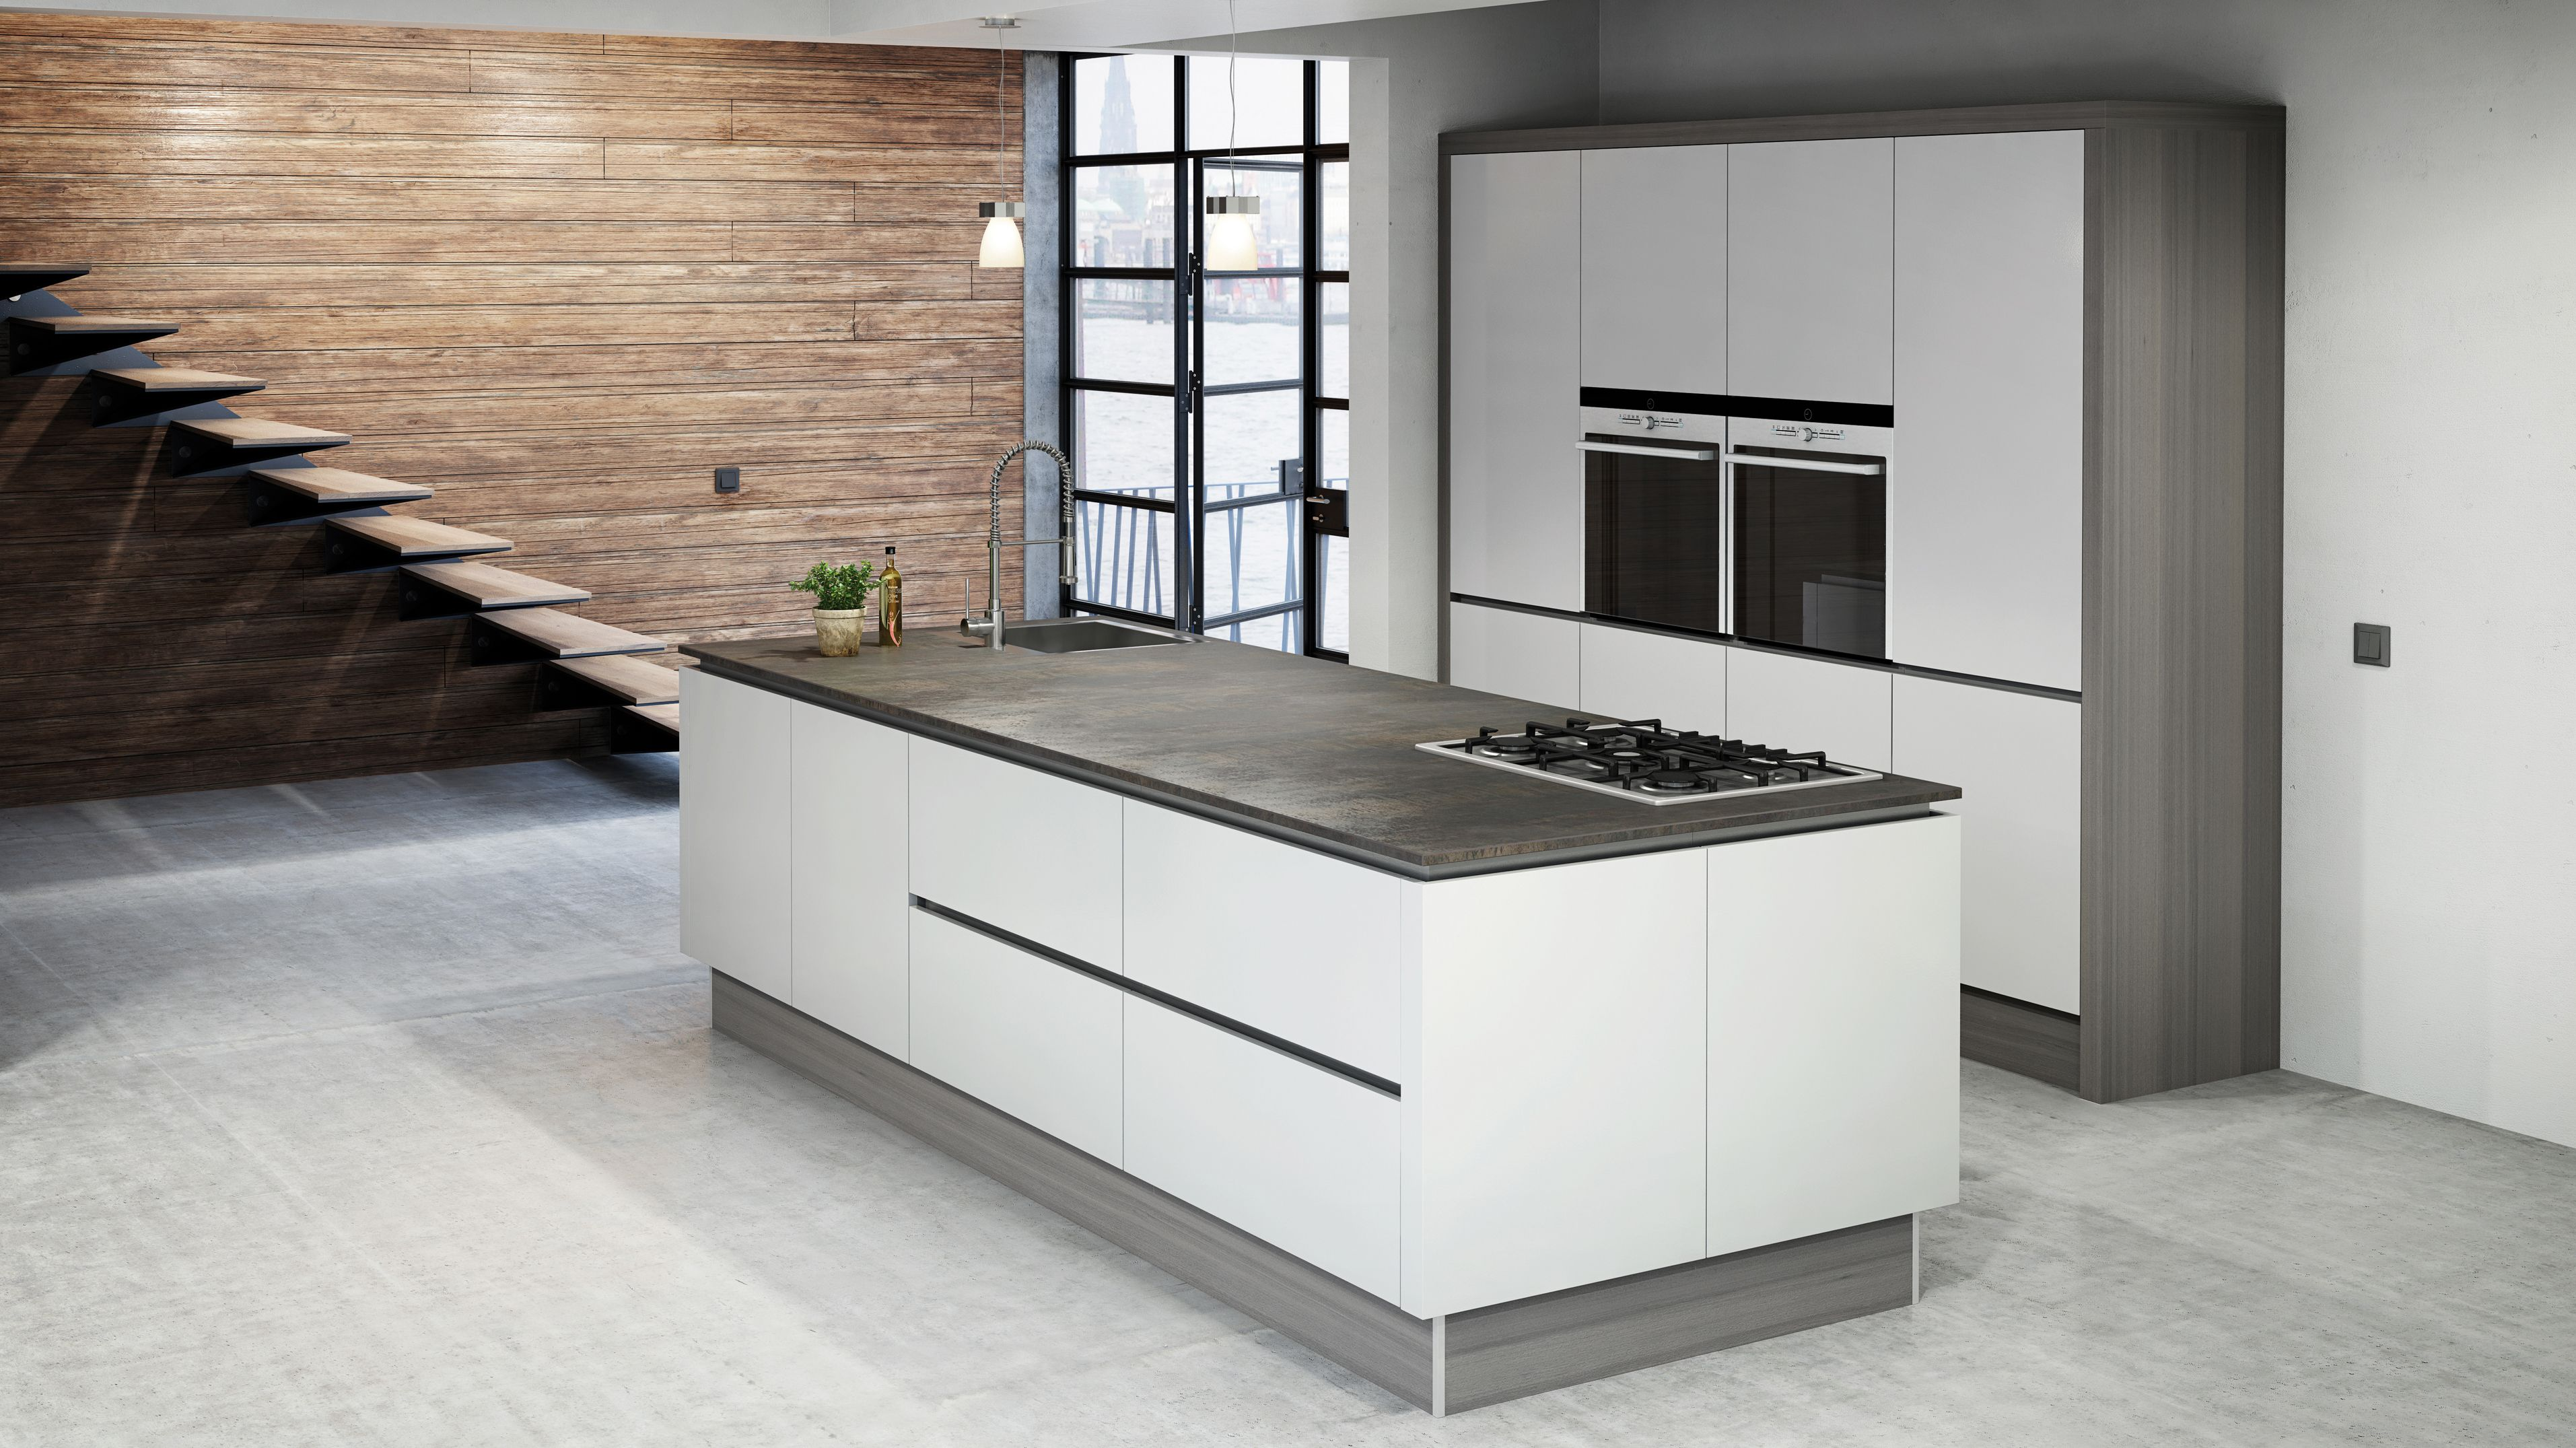 Küchenarbeitsplatte Keramik Design: Magia | Küchenarbeitsplatten aus ...